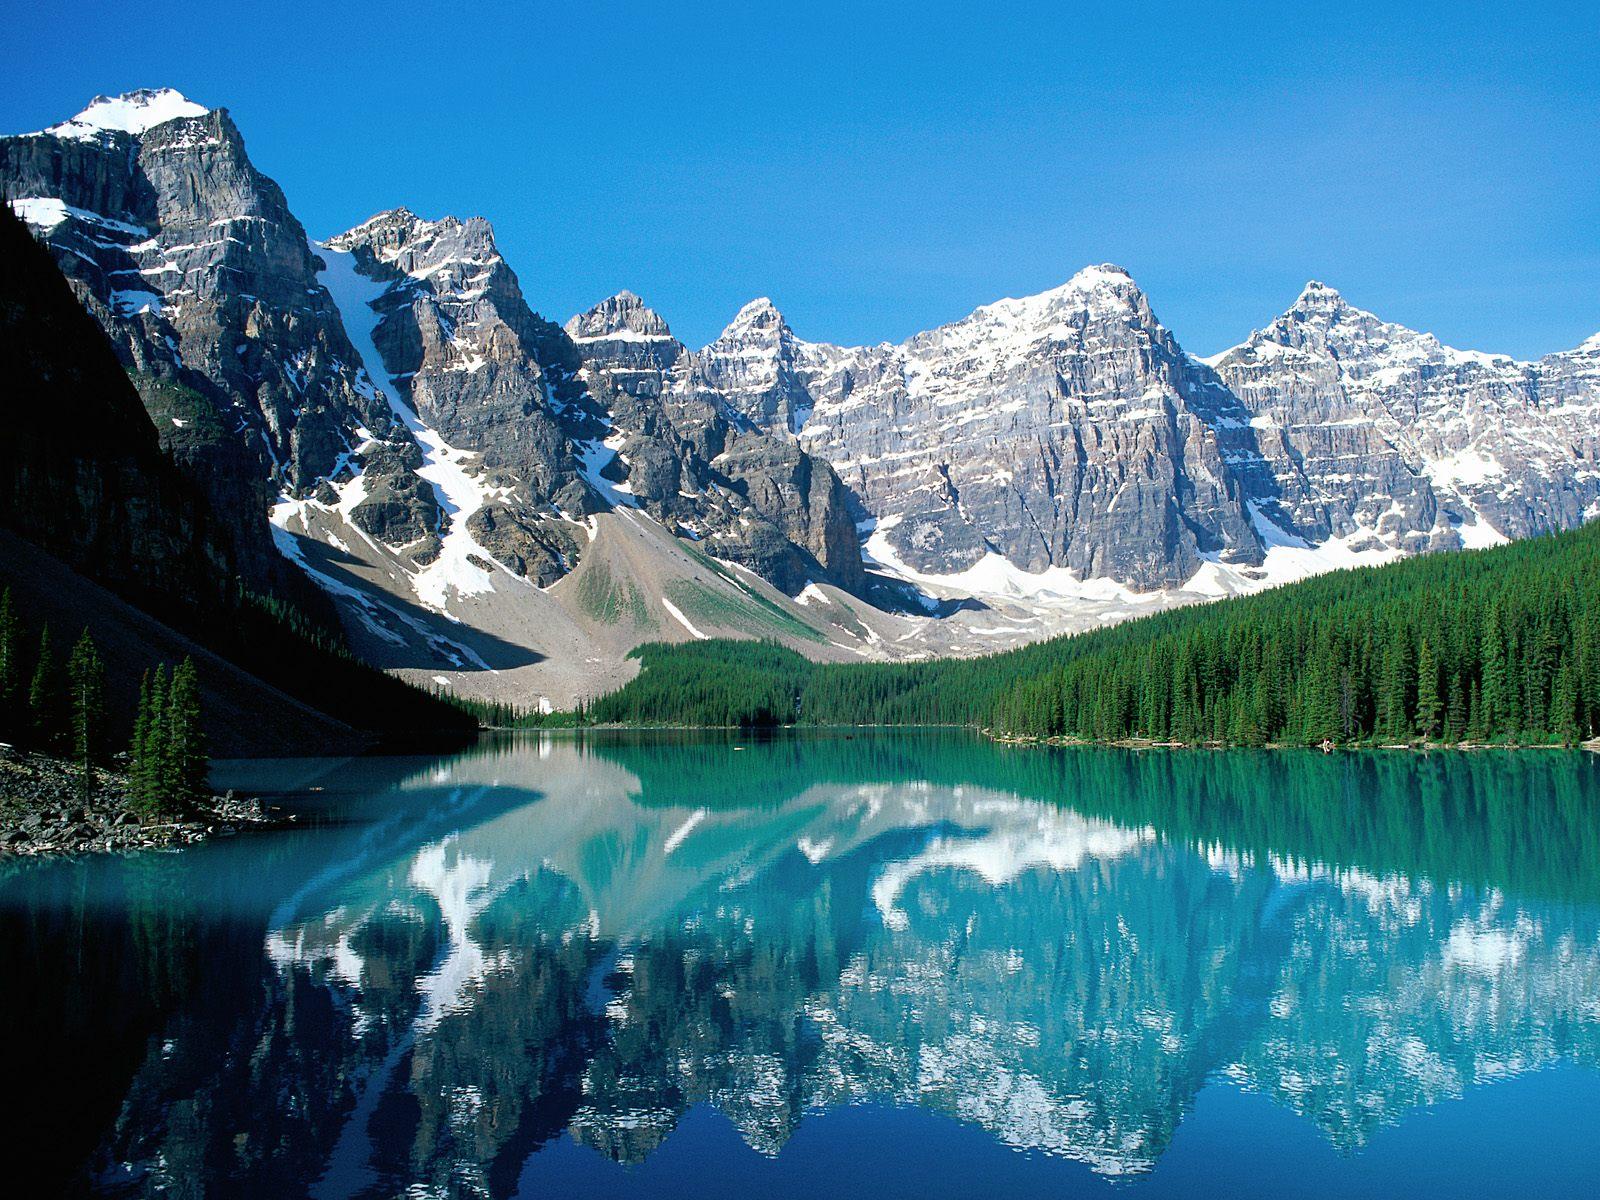 CANADA Parco Nazionale Banff Banff National Park 1600x1200